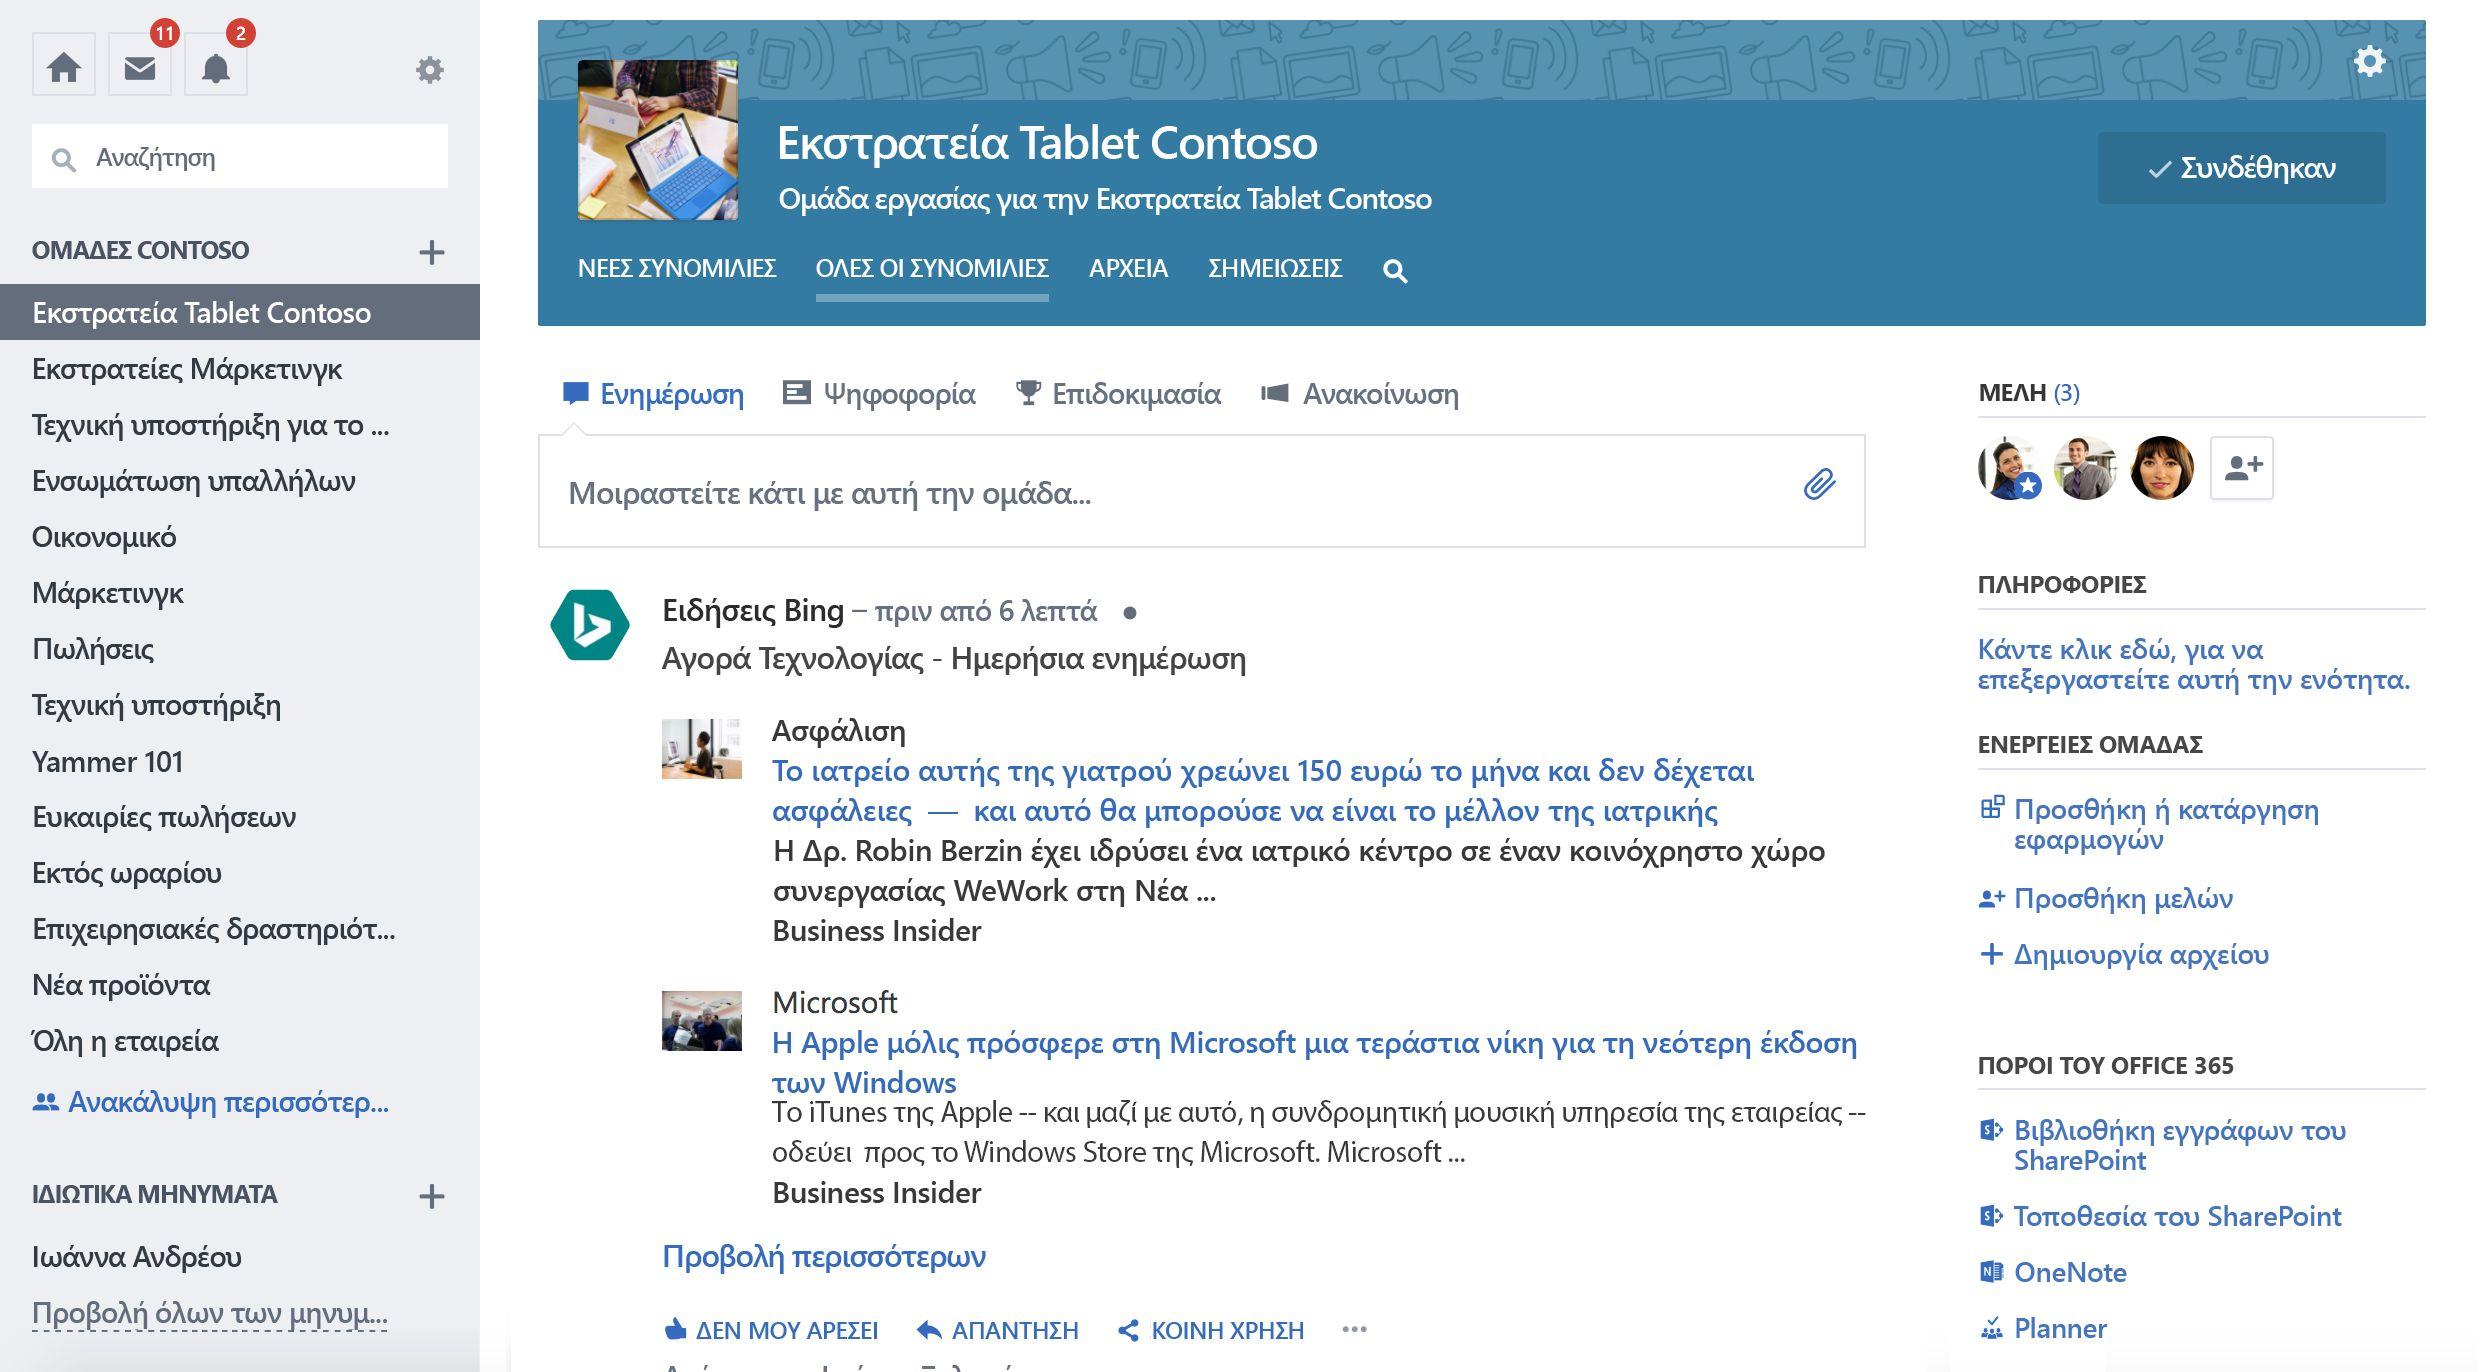 Στιγμιότυπο οθόνης της ενημέρωσης της ομάδας από την υπηρεσία άλλου κατασκευαστή